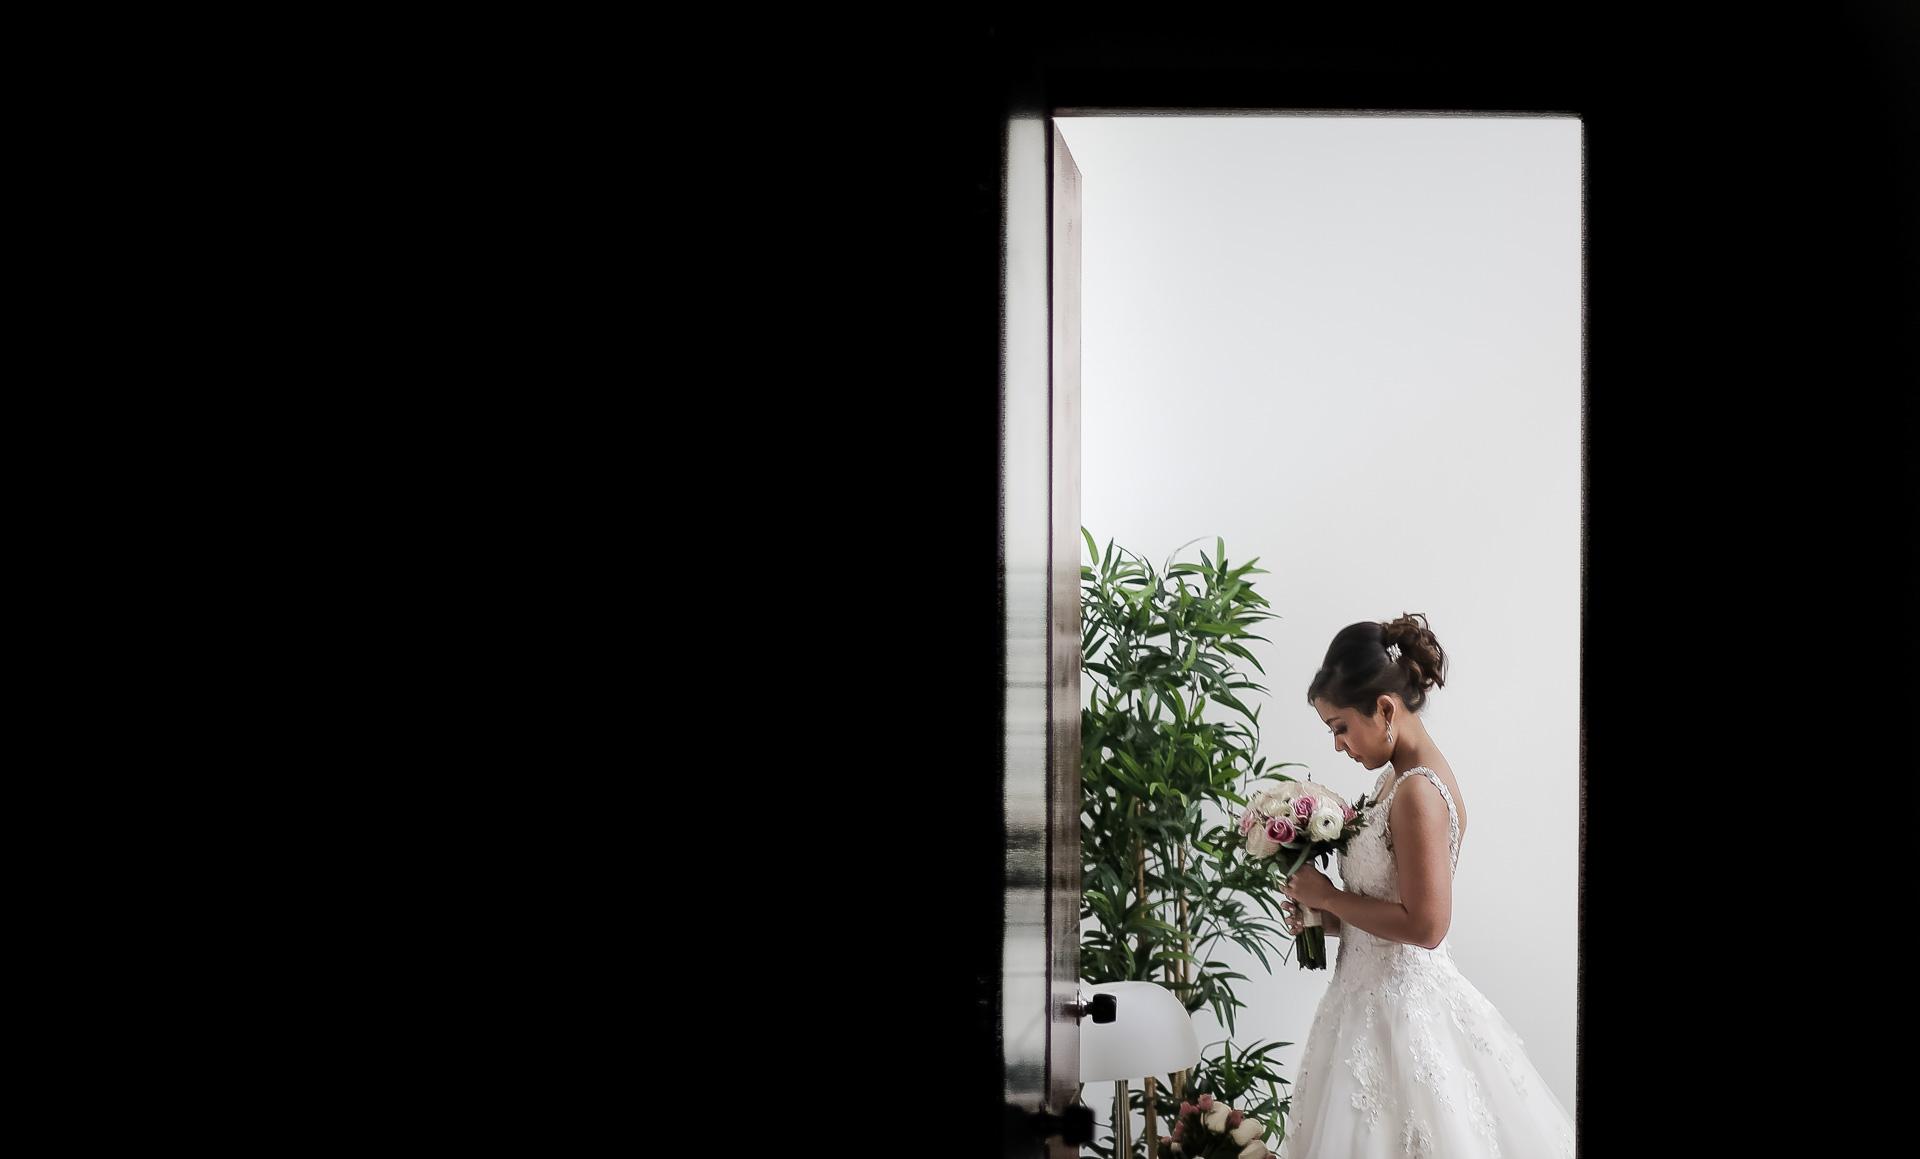 Fotógrafos-de-bodas-en-Colombia-Fidel-y-Benneth-4 FIDEL + BENNETH